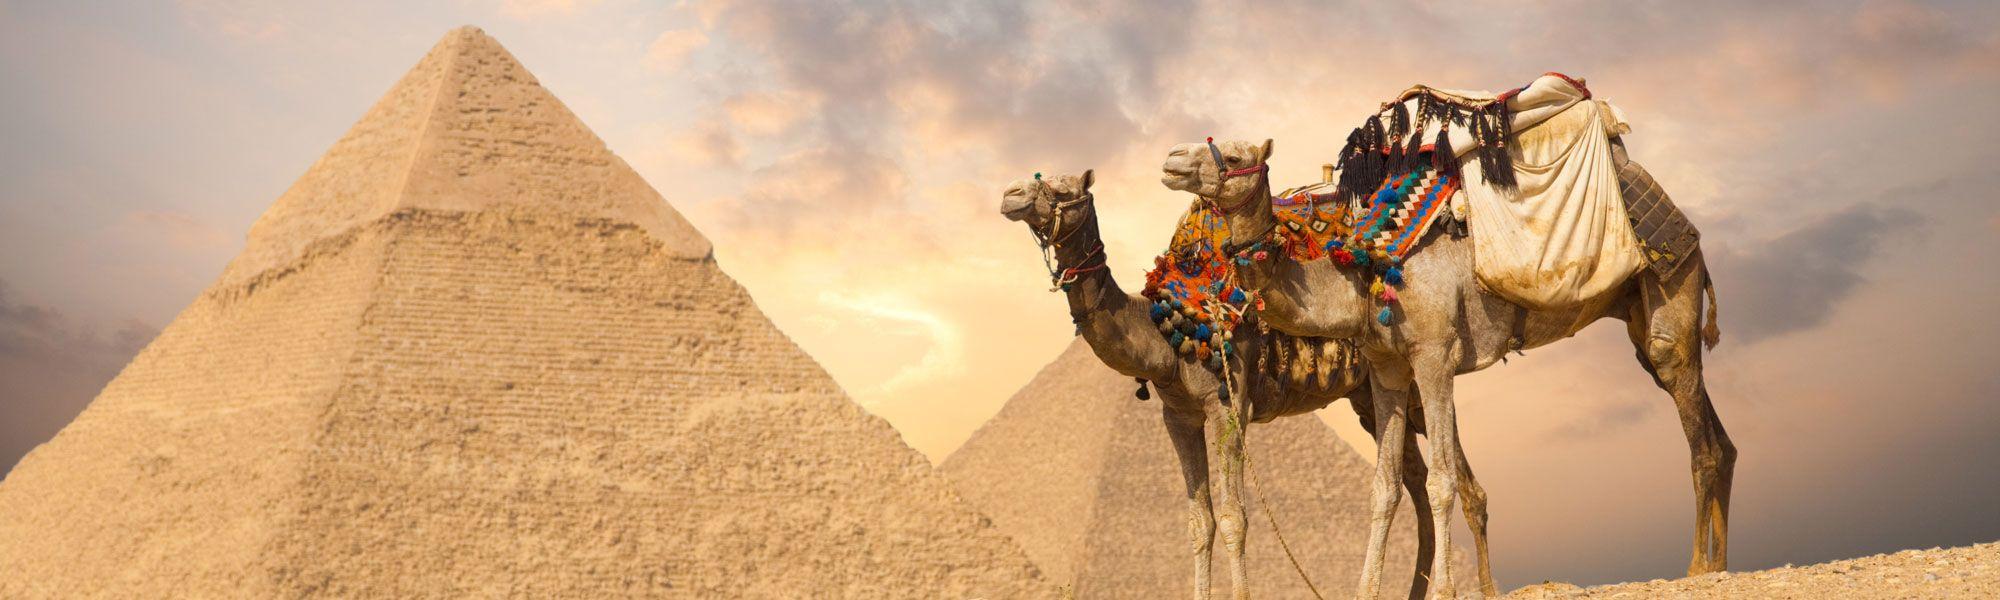 Excursiones Desde El Puerto De El Sokhna Las Pirámides Http Www Espanol Maydoumtravel Com Excursiones En Tierra 5 0 El Cairo Guiza Egipto